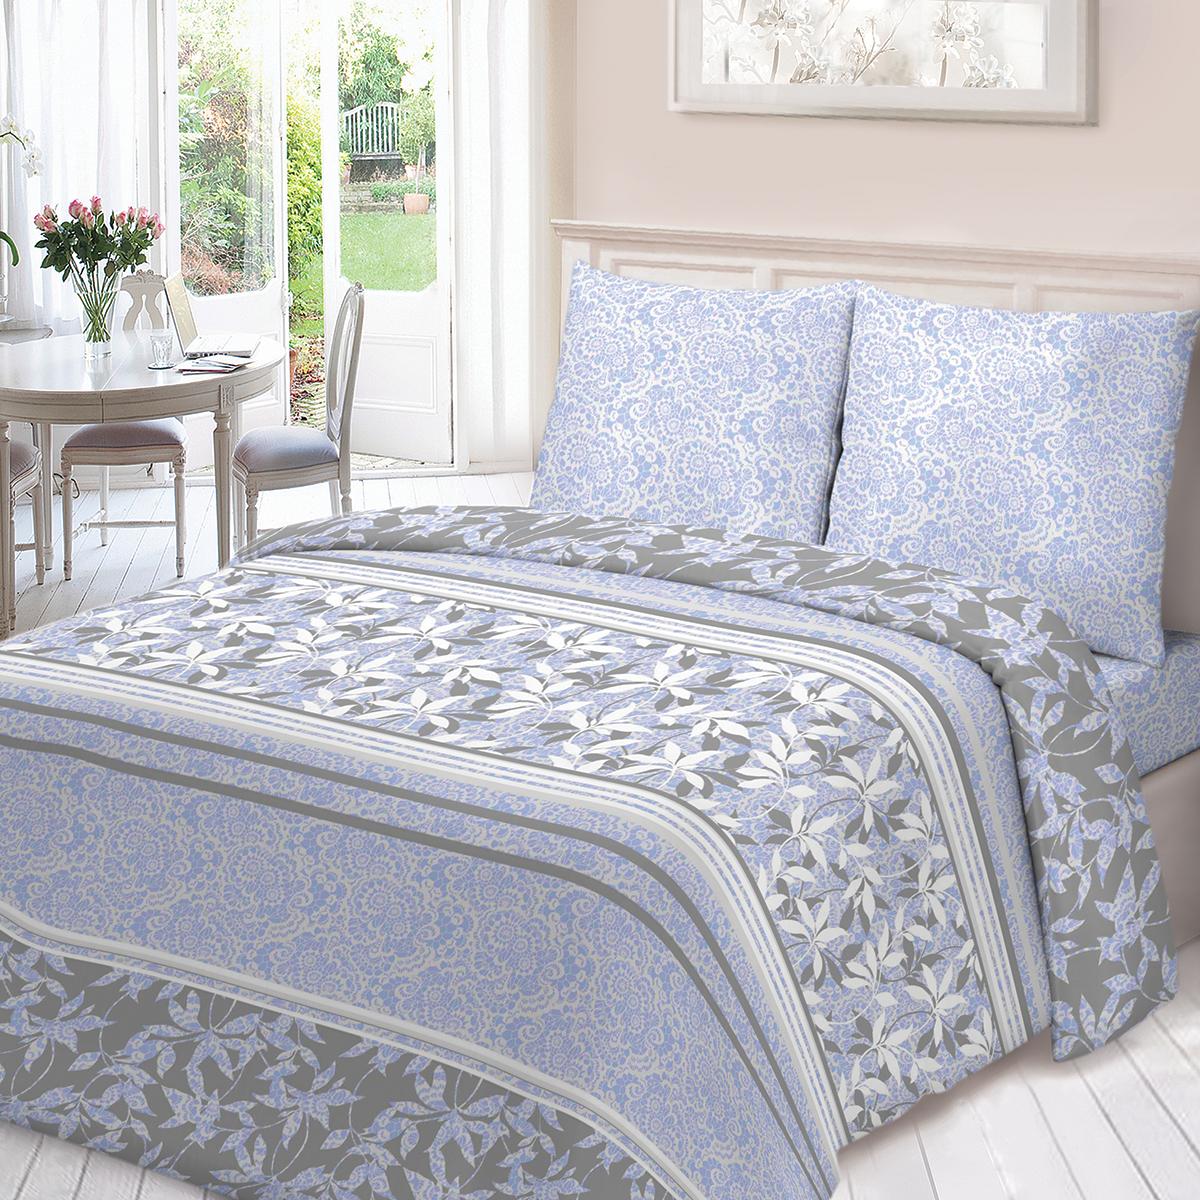 Комплект белья Для Снов Адиссон, евро, наволочки 70х70, цвет: голубой комплекты белья